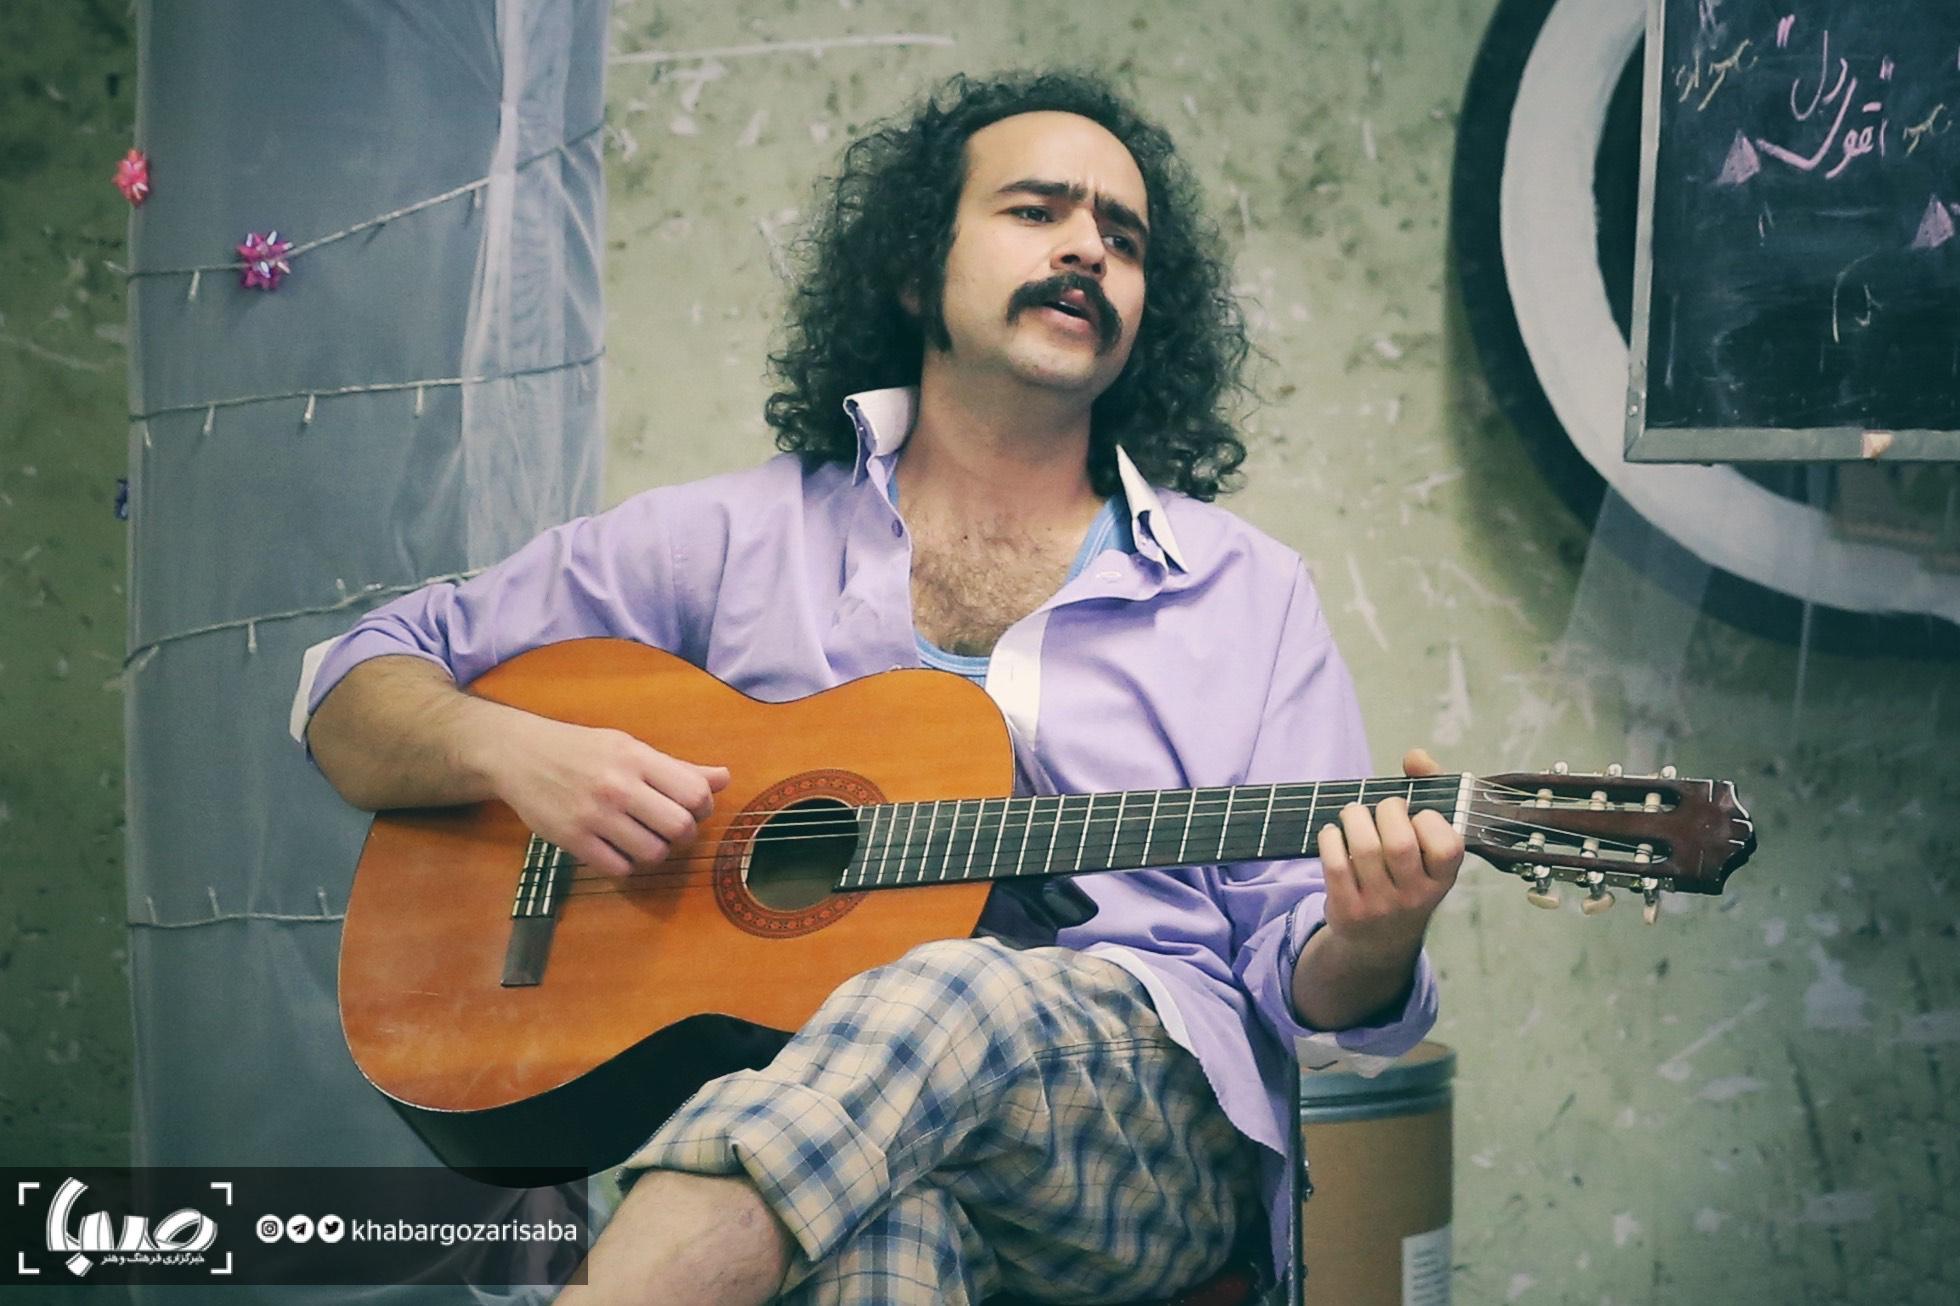 علی باغفر: حامد بهداد دو سر و گردن از بازیگرانی که خواننده شدند بالاتر است